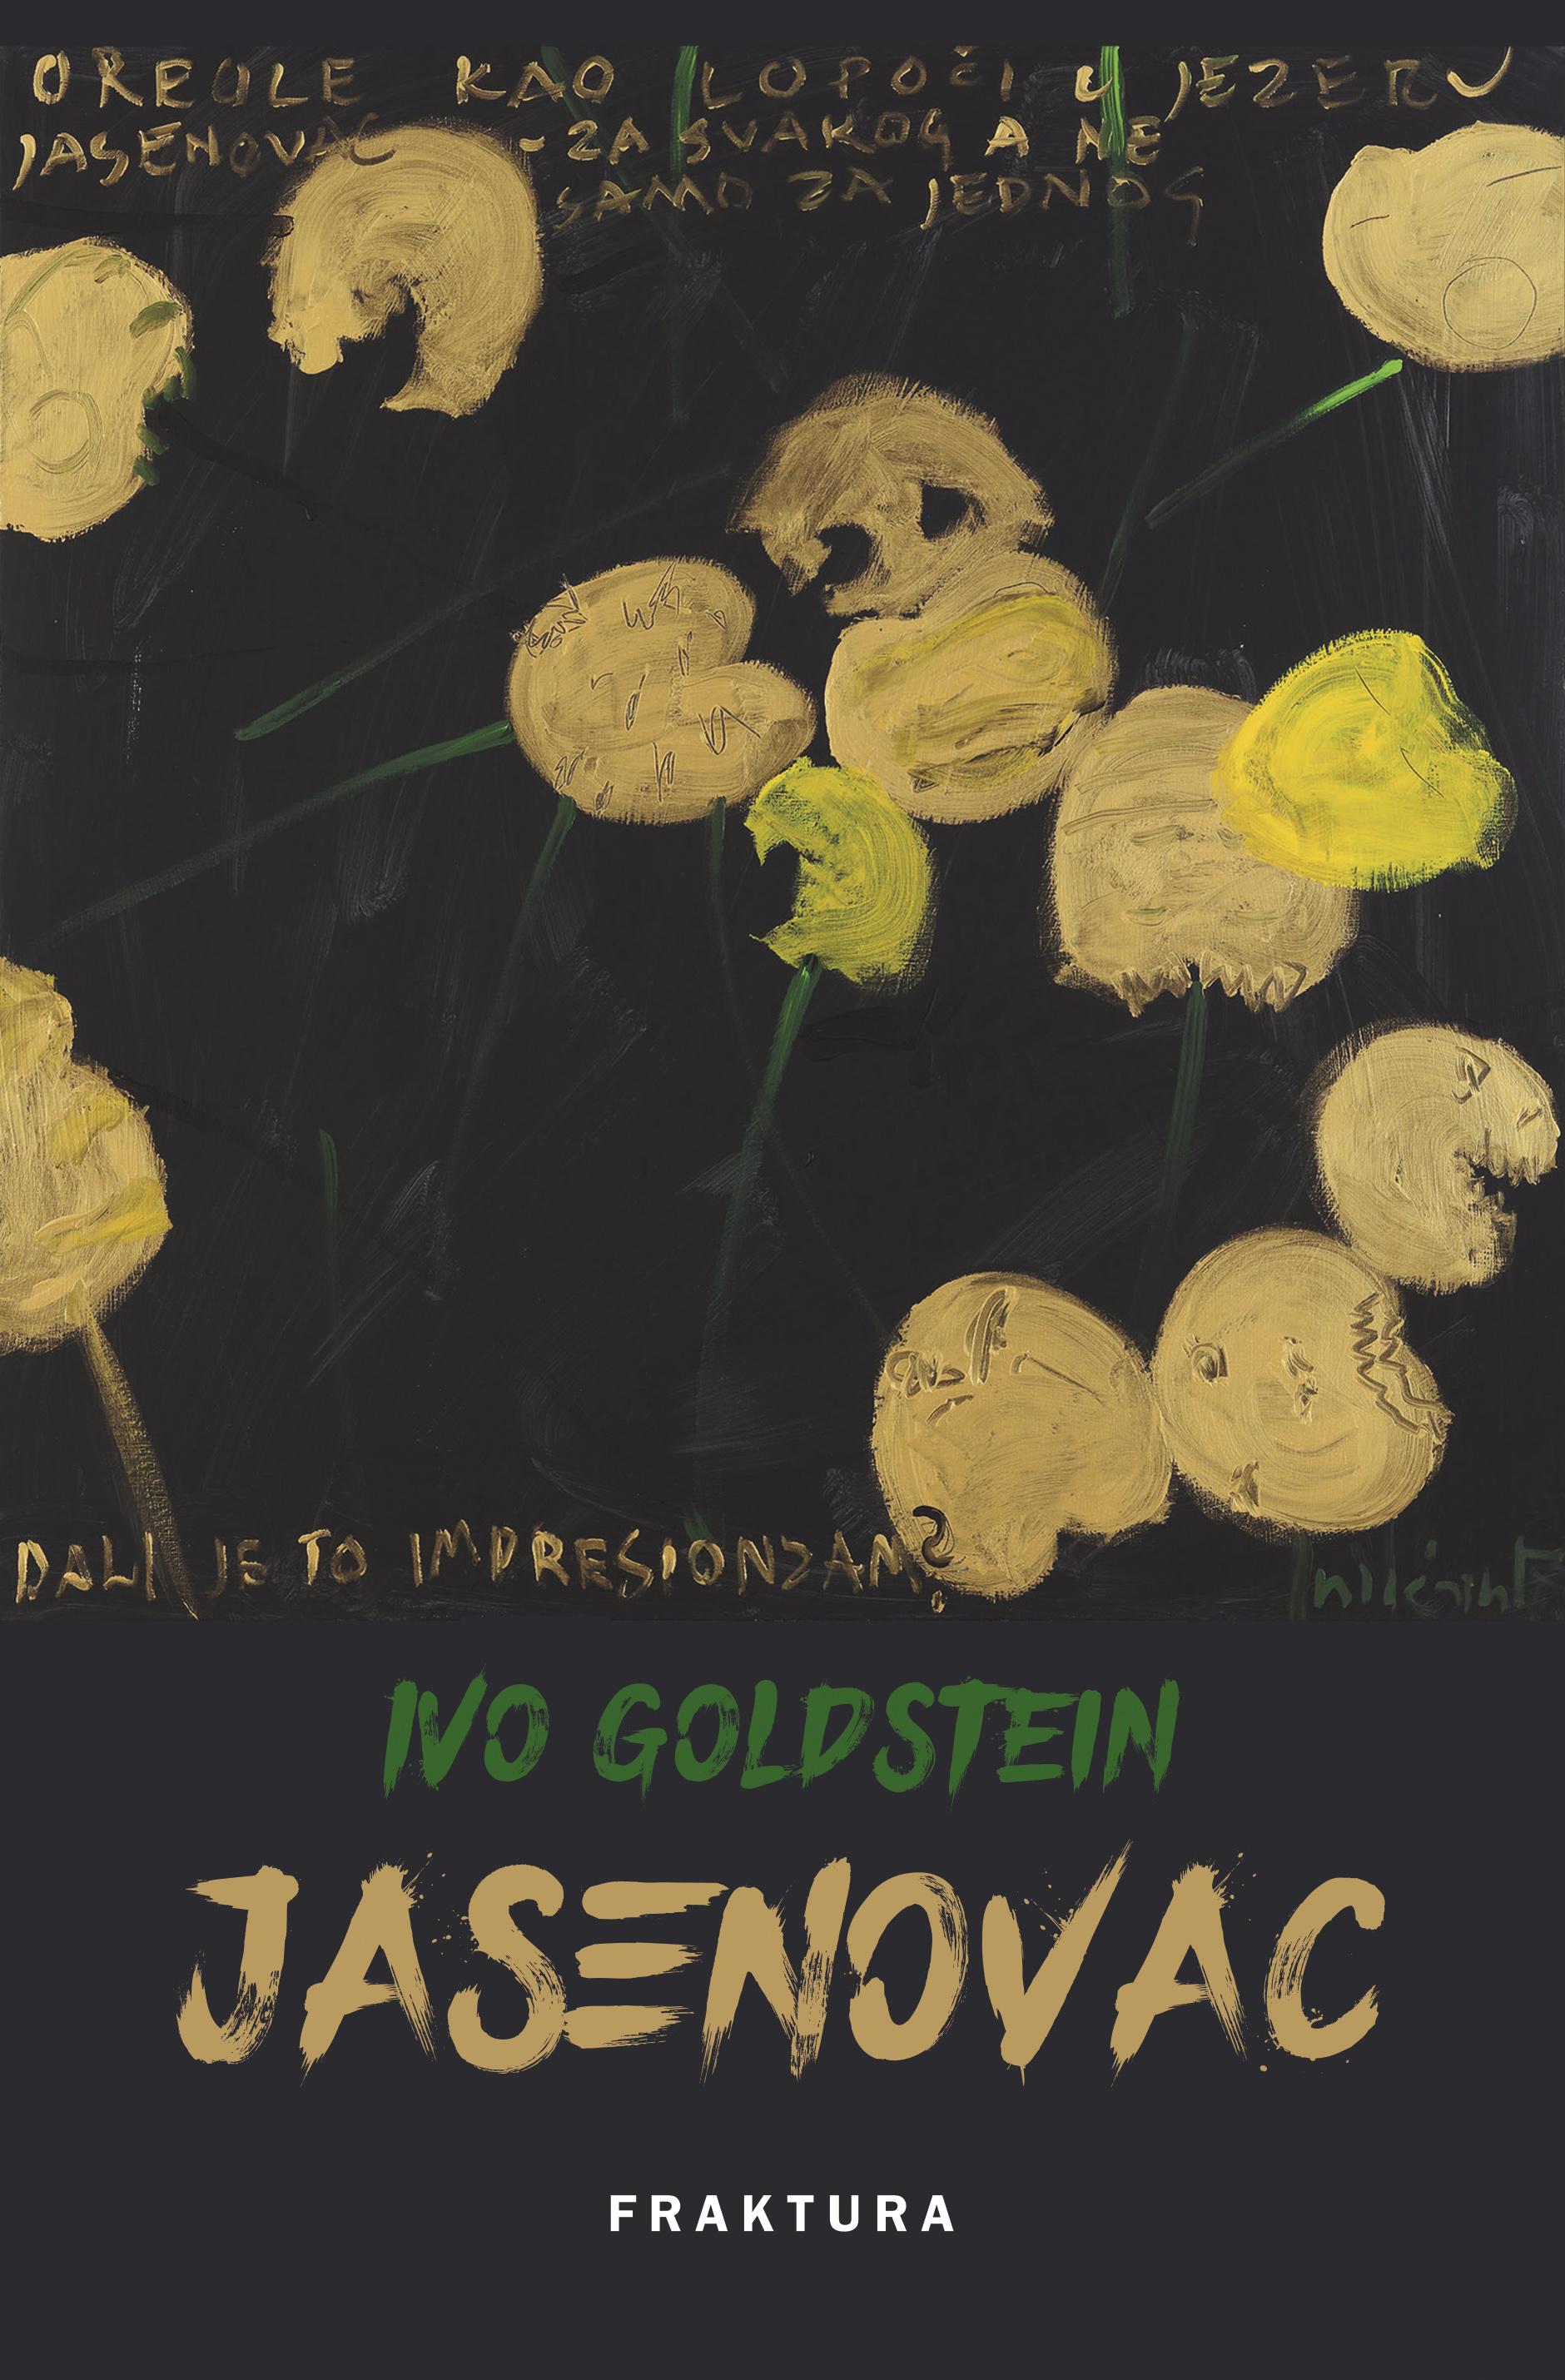 Predstavljanje knjige Ive Goldsteina u Mariboru